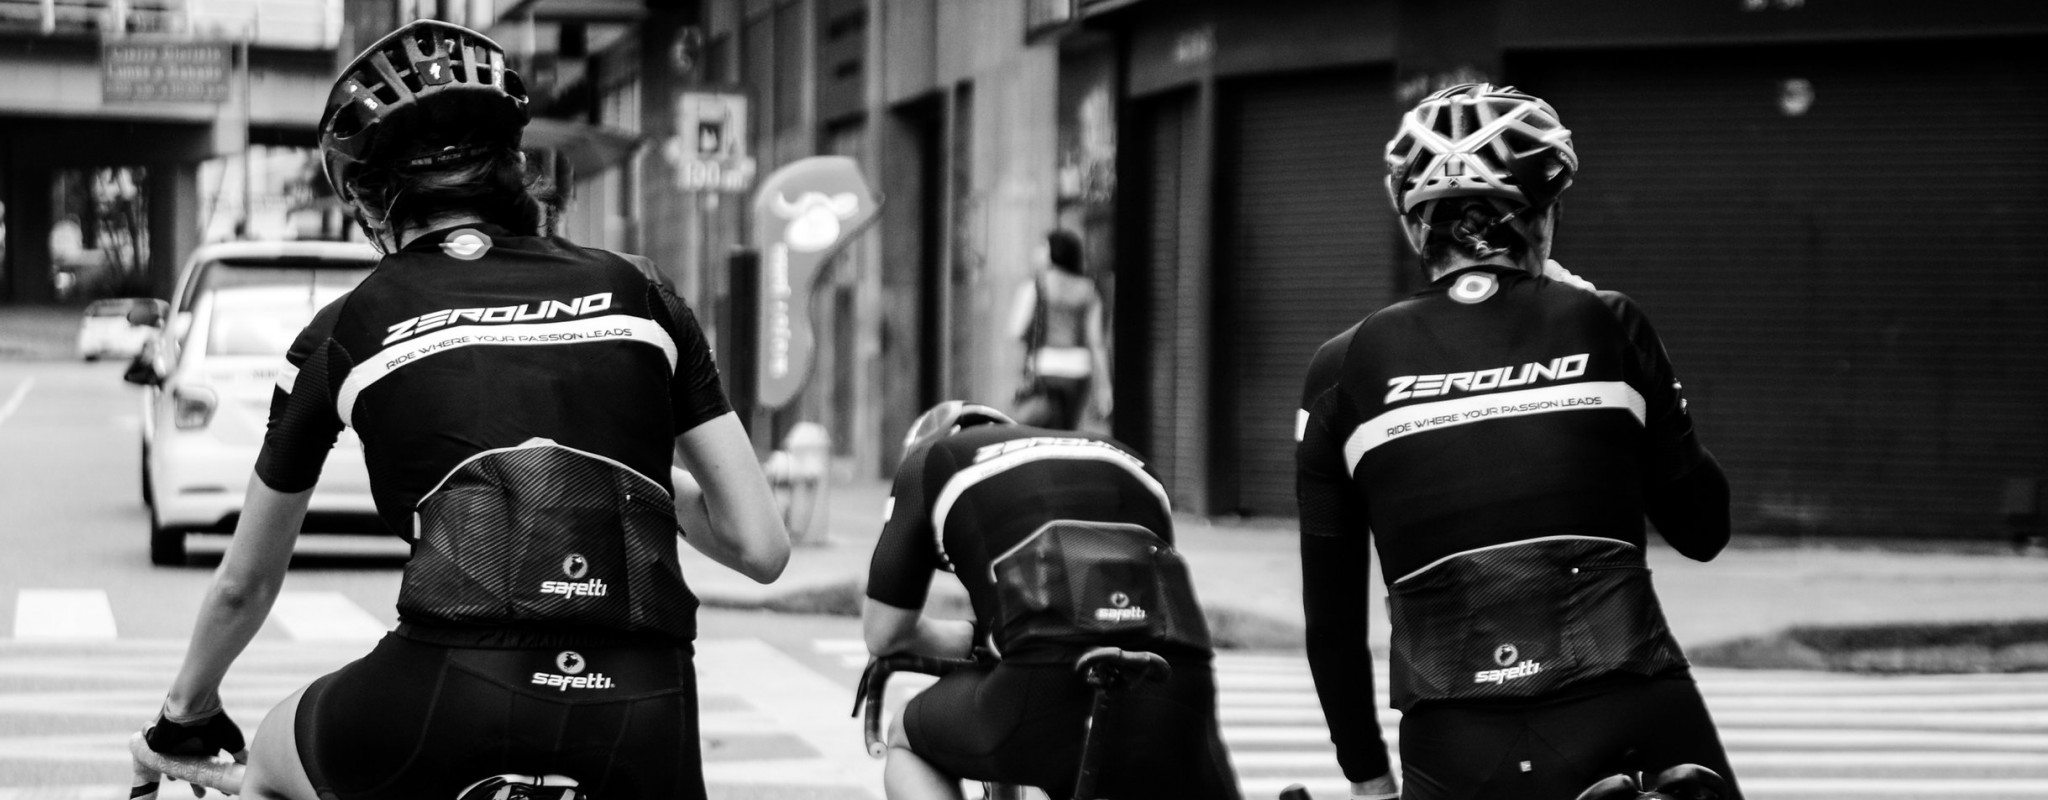 Zerouno Bikes